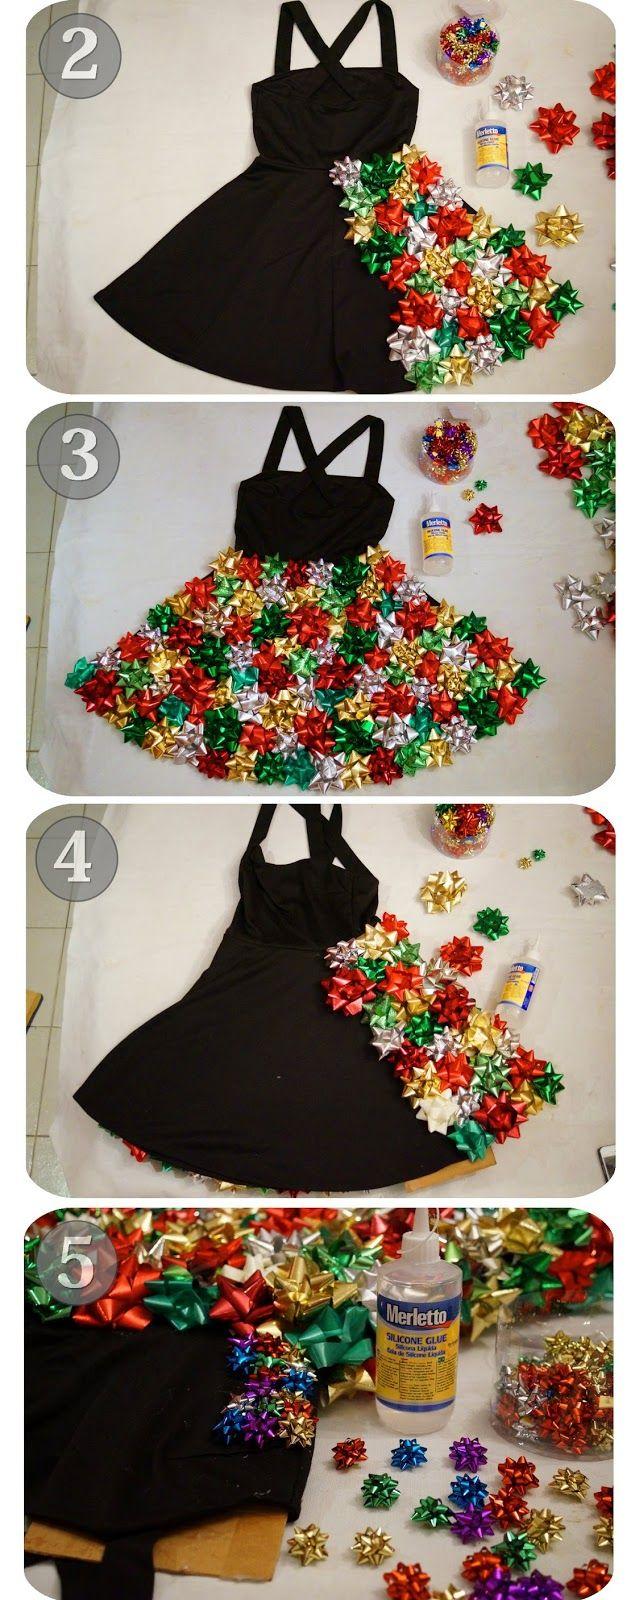 Pin on Crafts & DIY